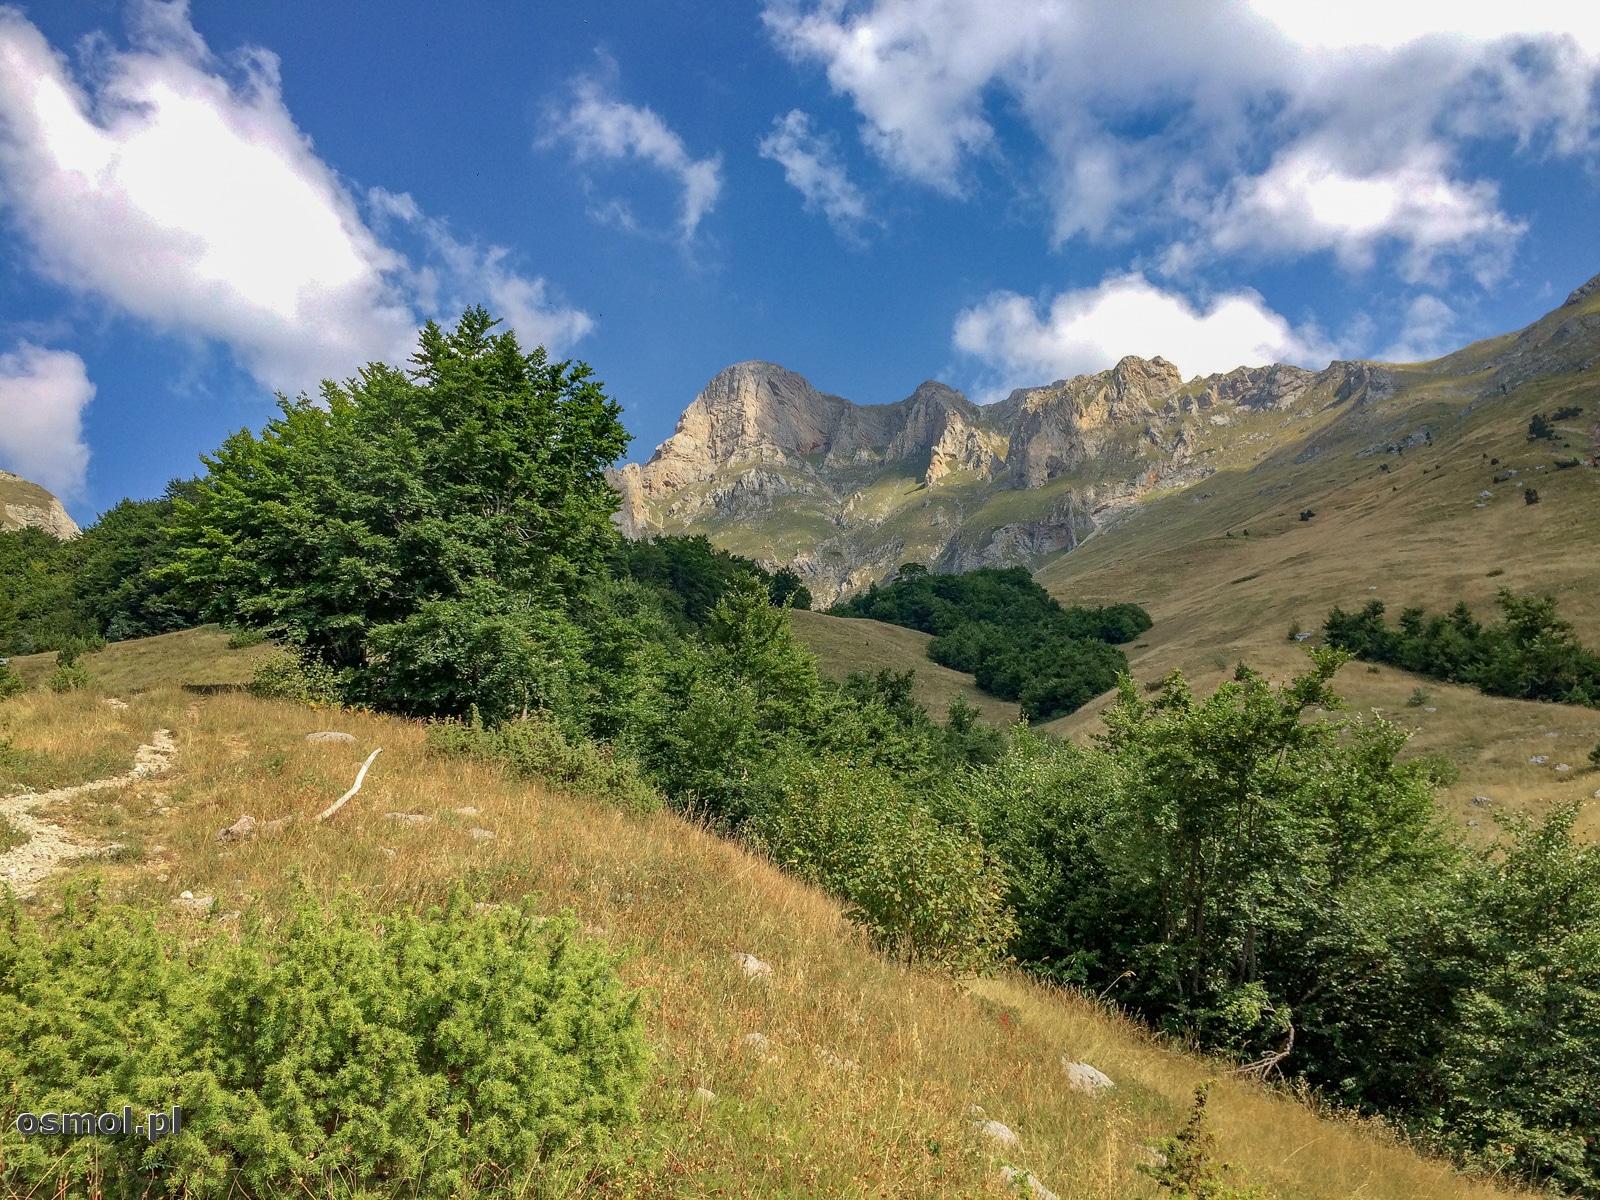 Górskie łąki w Górach Przeklętych. A z łąk słychać dalekie pobrzękiwania dzwonków. To od pasących się na zboczach krów.